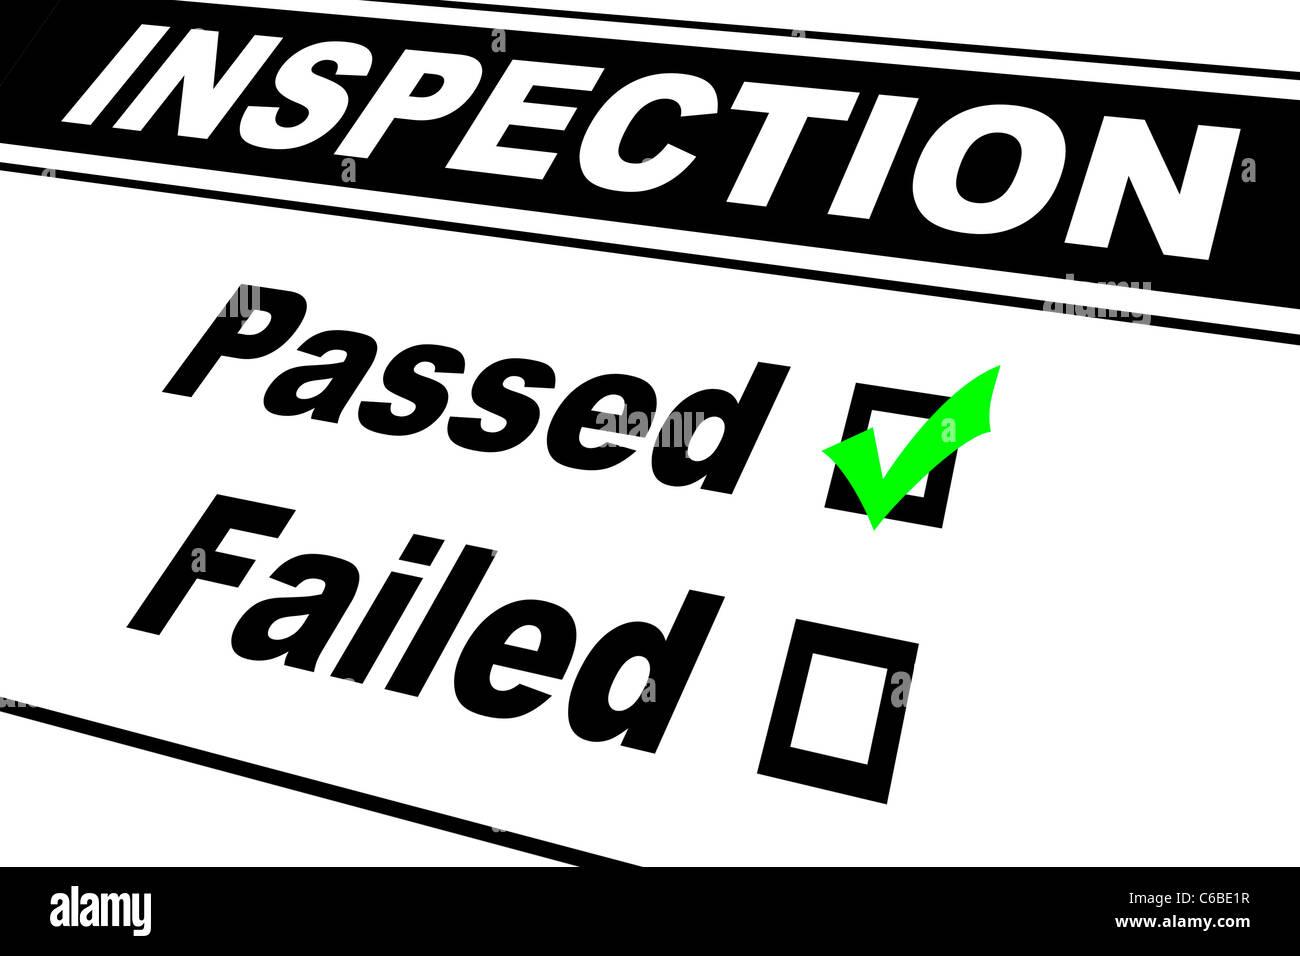 Prüfergebnisse Bericht ausgefüllt mit Passed gewählt, isoliert auf weiss Stockbild